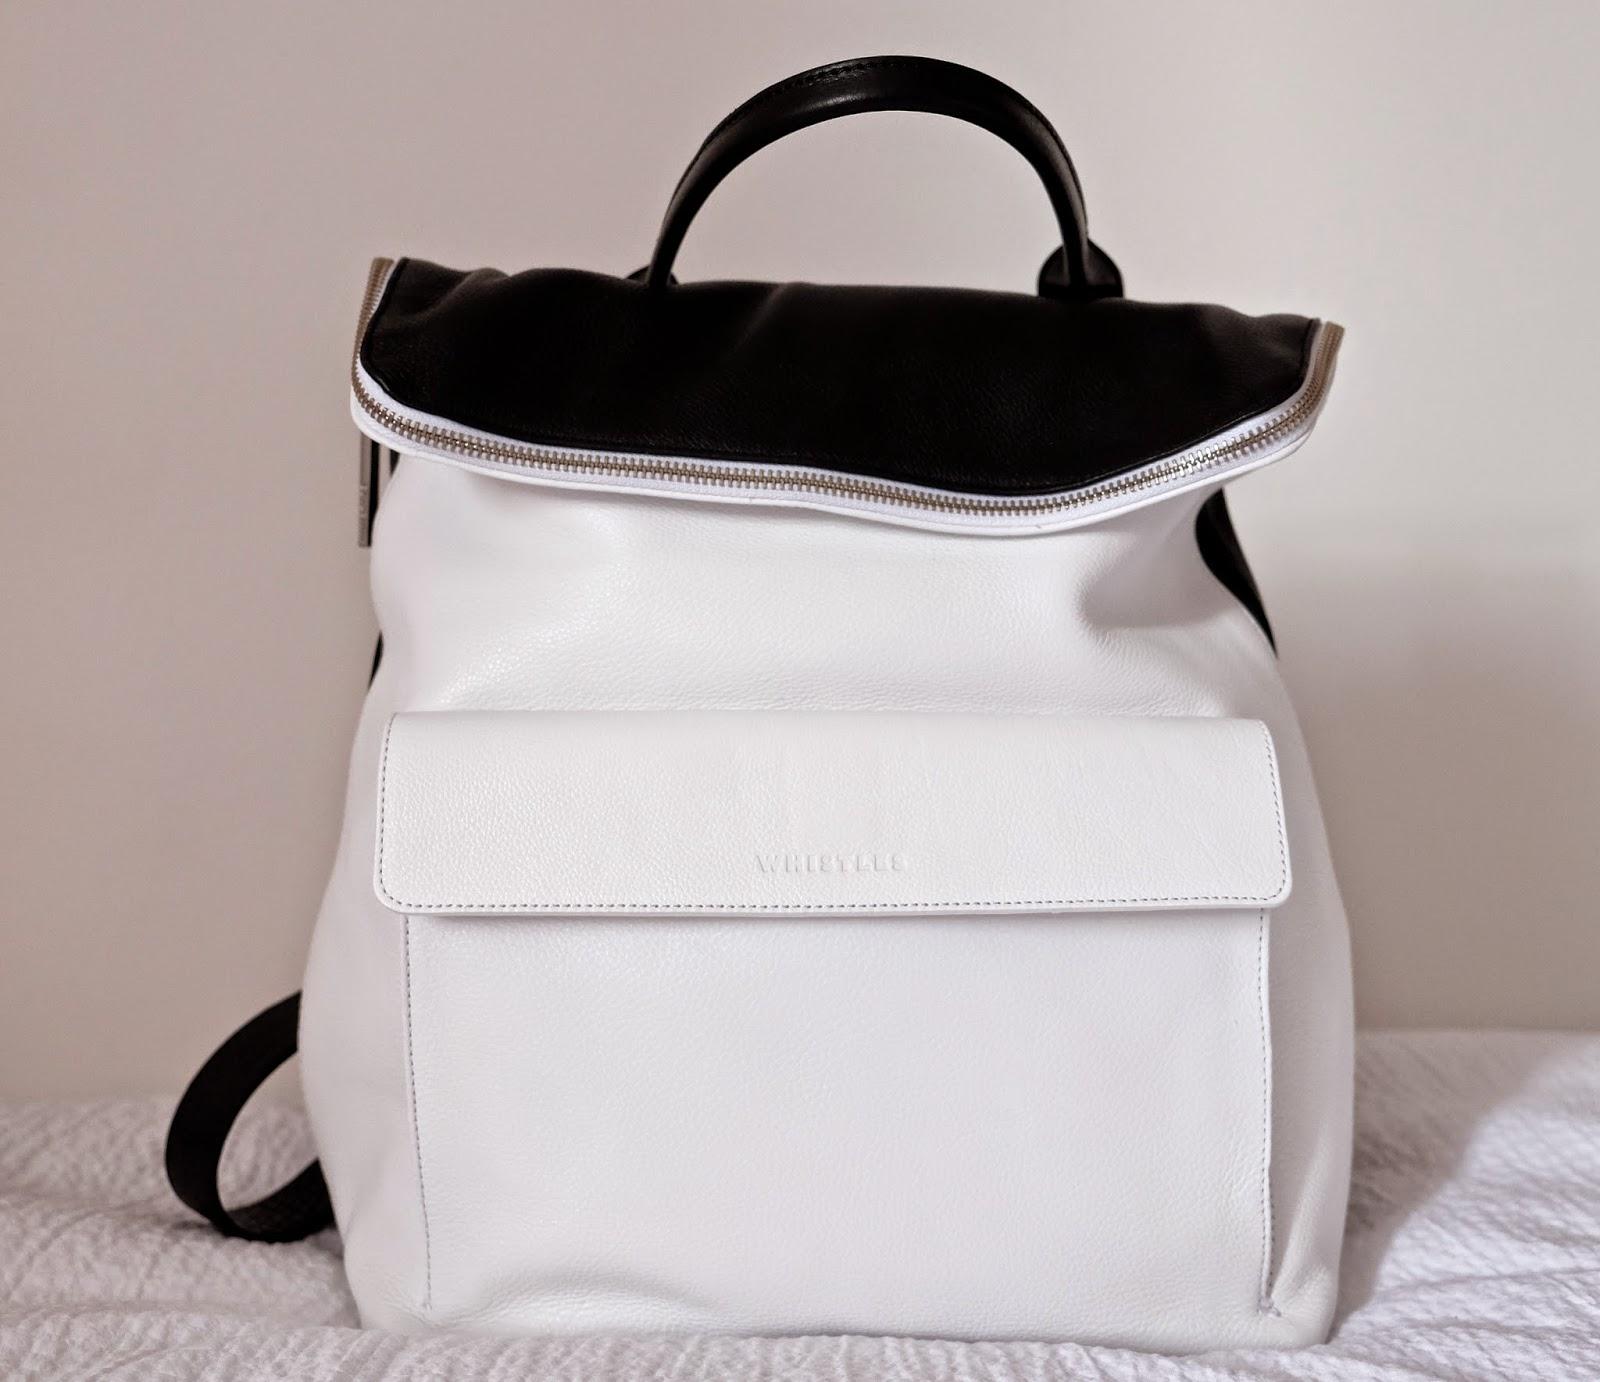 Whistles Verity backpack angeprojecteverest.blogspot.co.uk